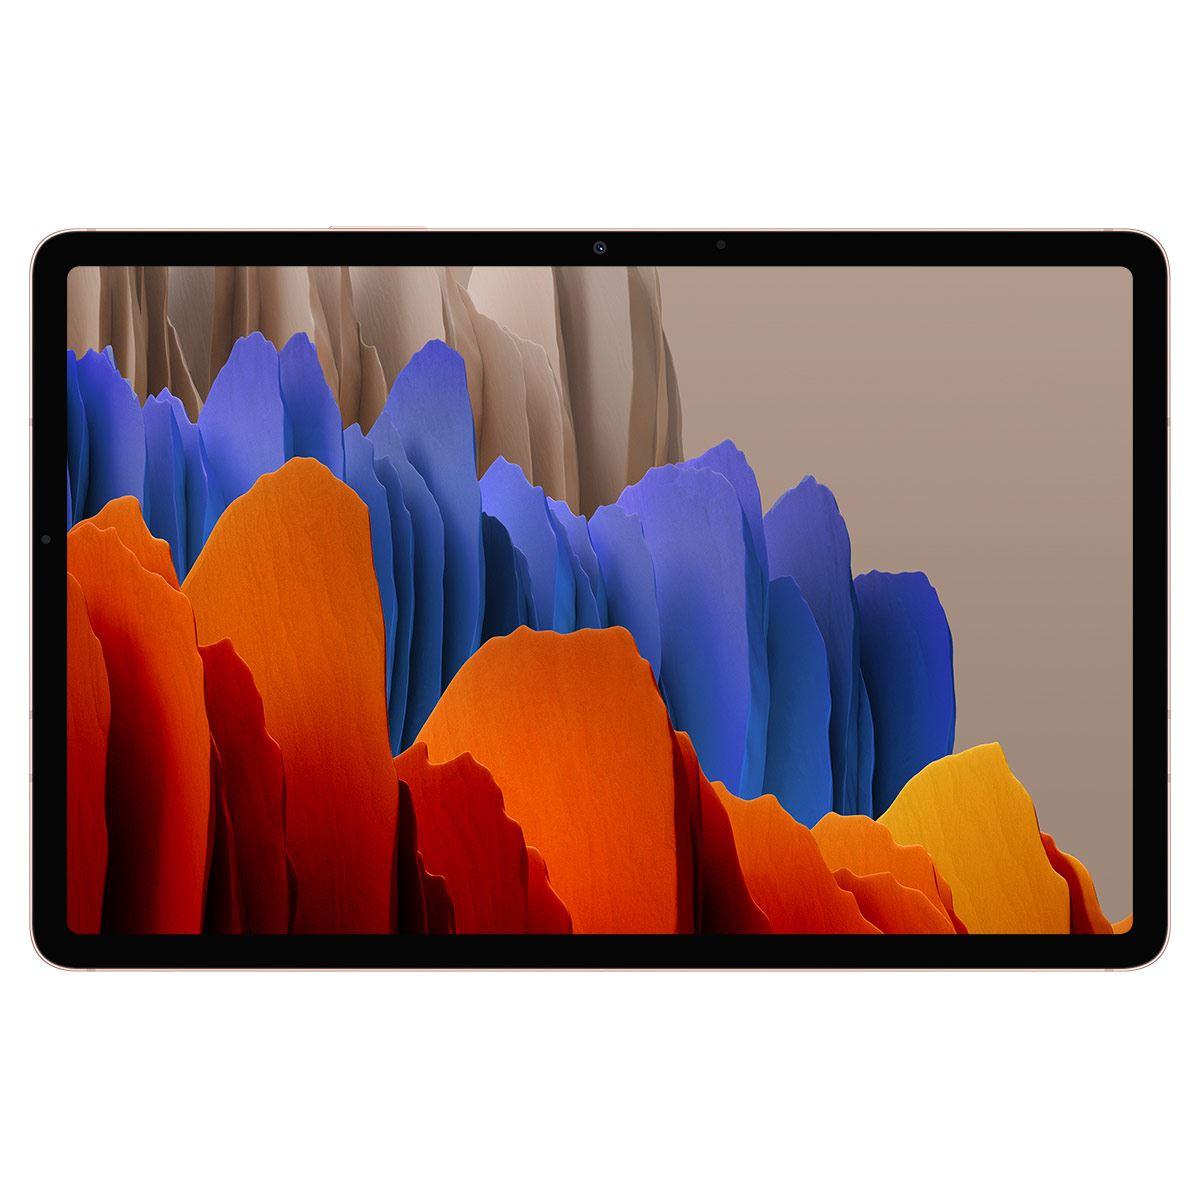 Galaxy Tab S7 Bronce 128GB